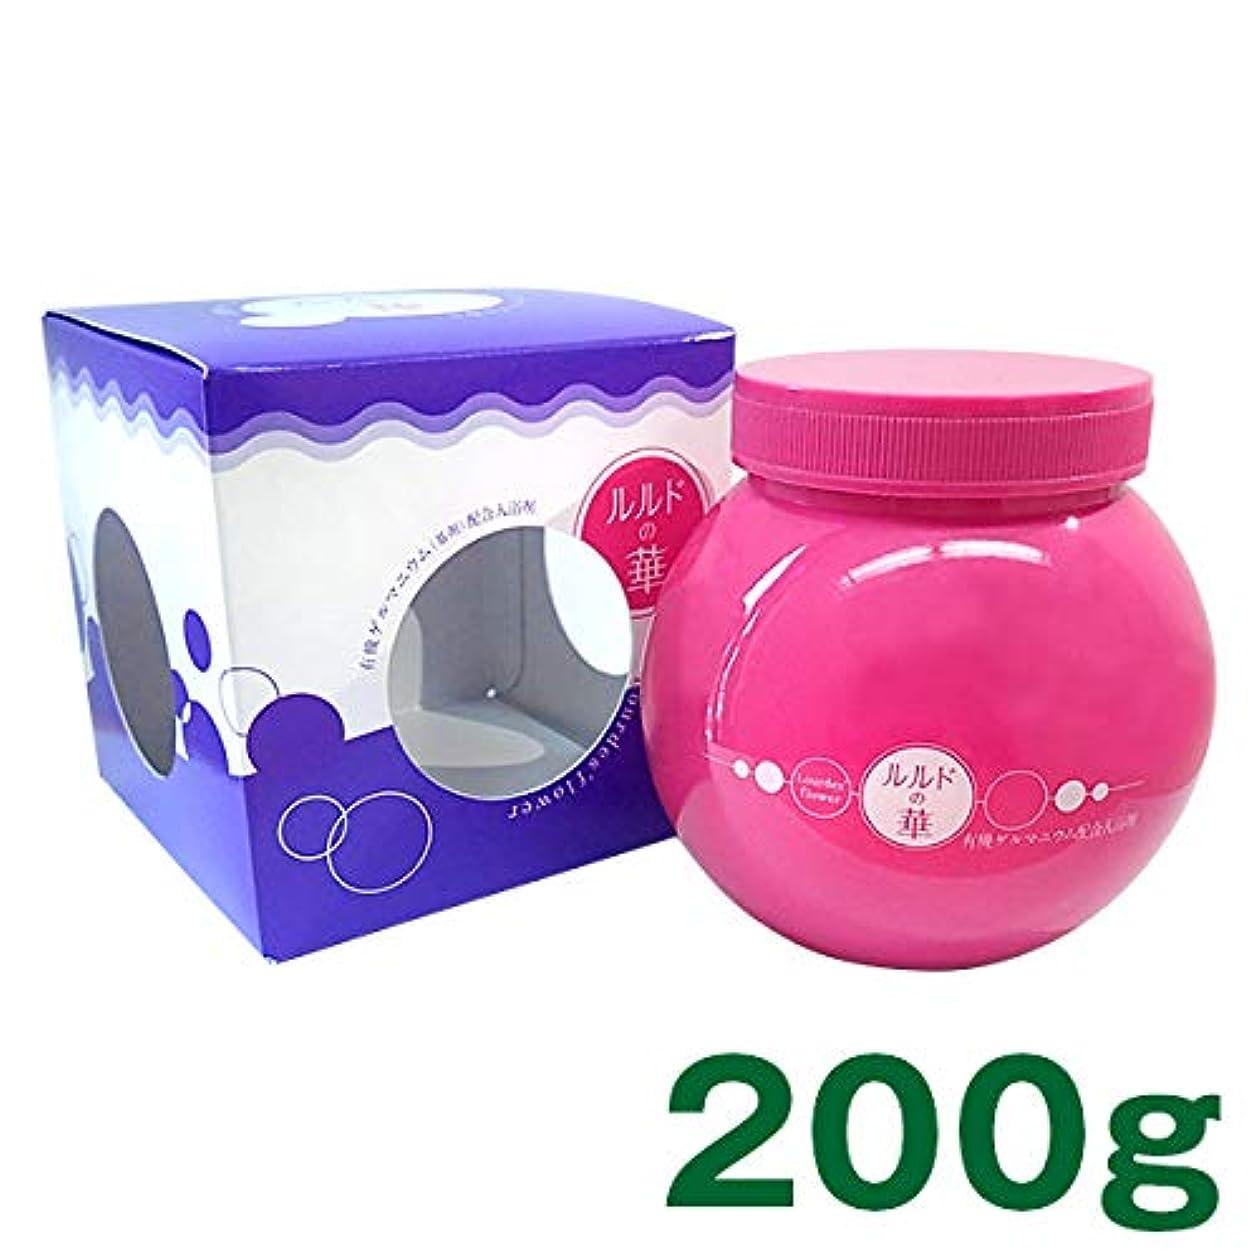 ベッツィトロットウッド地域の換気有機ゲルマニウム8.0%配合入浴剤【ルルドの華(ボトル)】200g